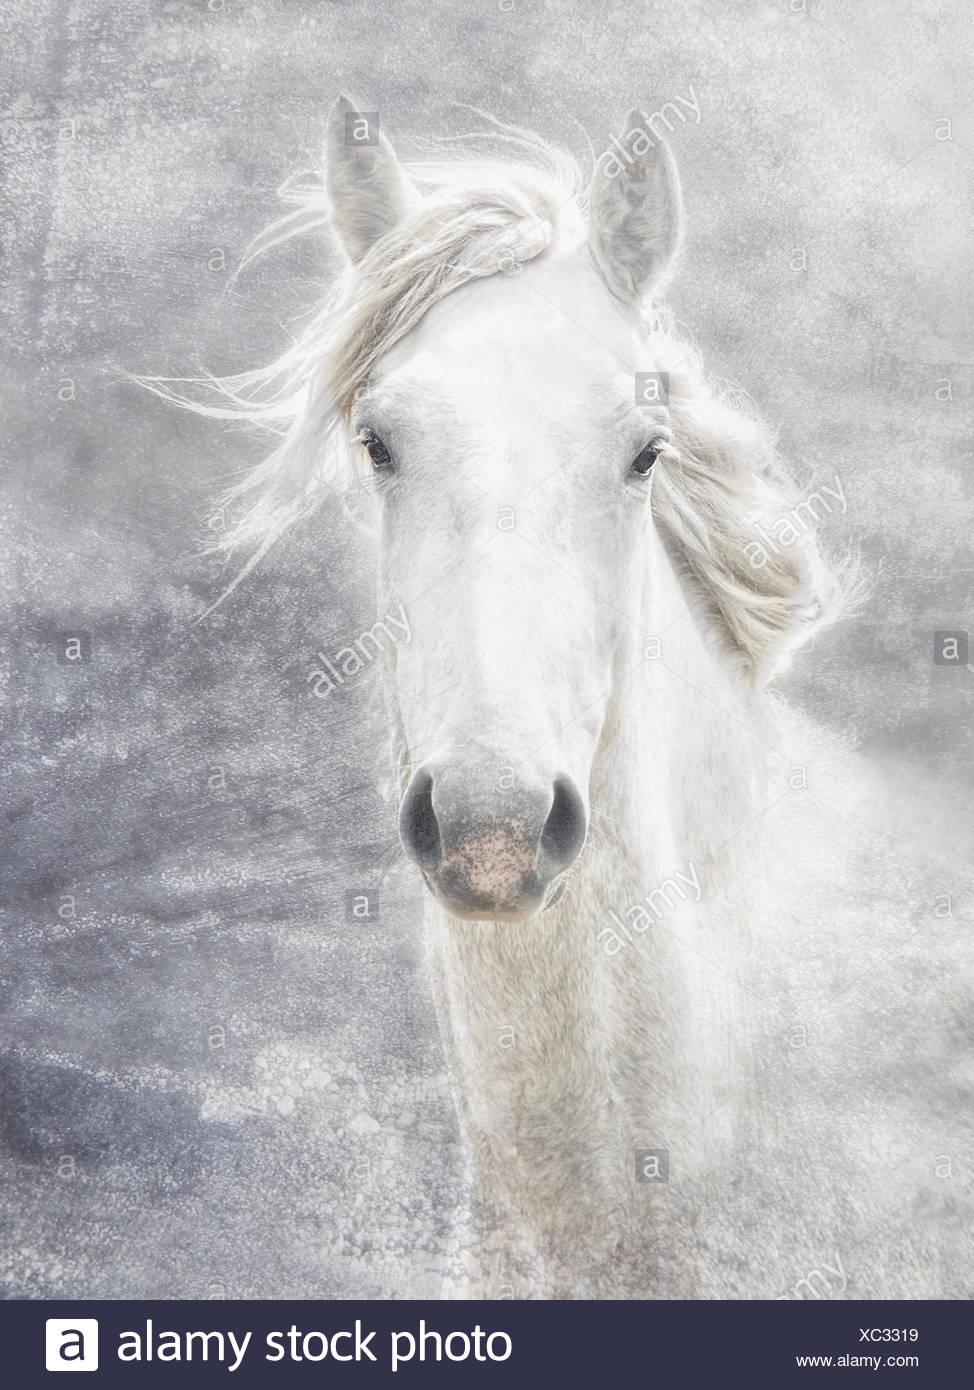 Camargue horse - Stock Image